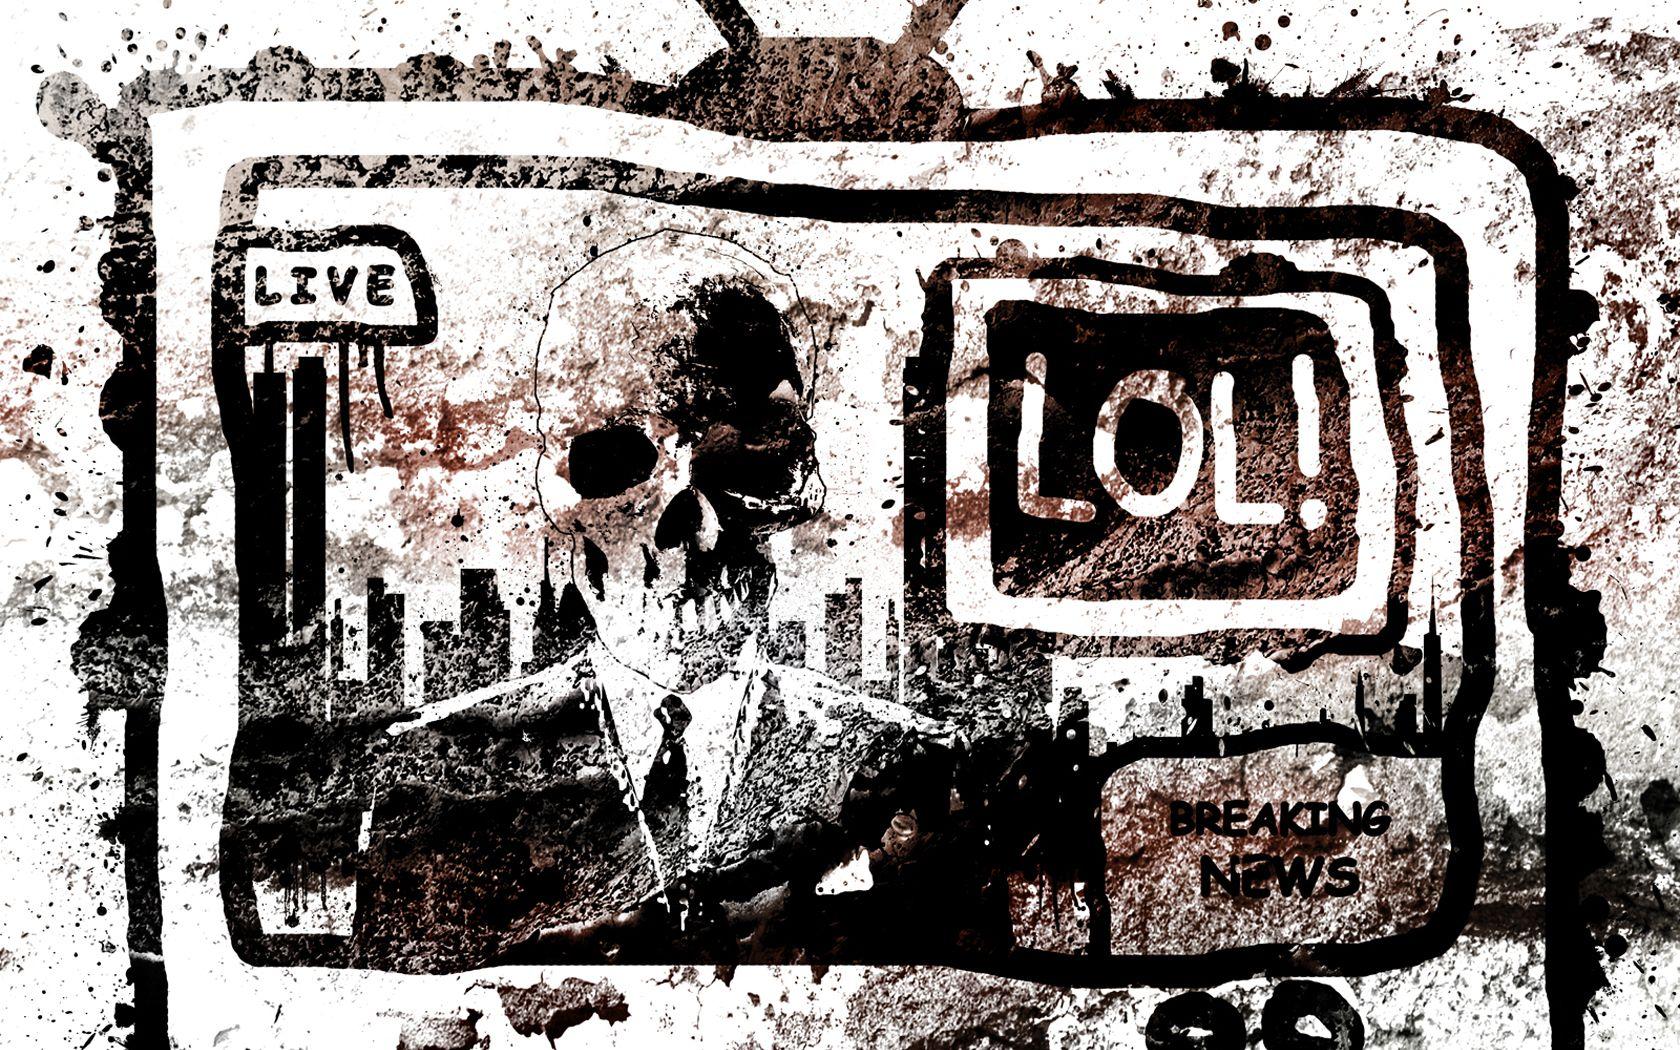 Dunkel Skelett  Wallpaper